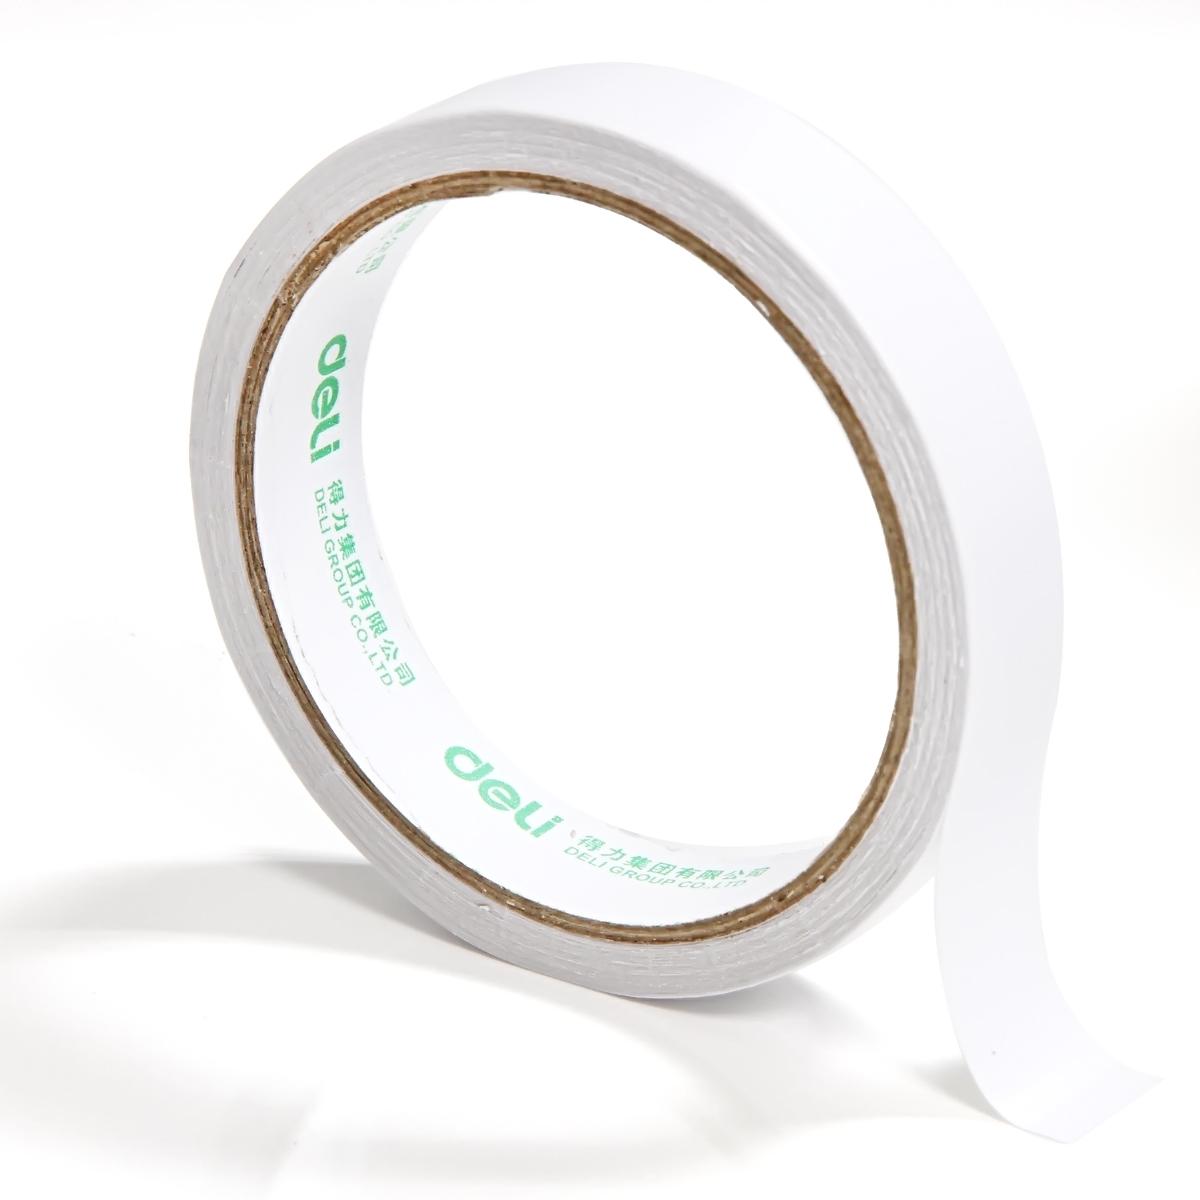 эффективные 30406 двусторонней клейкой ленты очень широкий 18mm*10y туба двухсторонняя ленты кулинарии ручной товаров